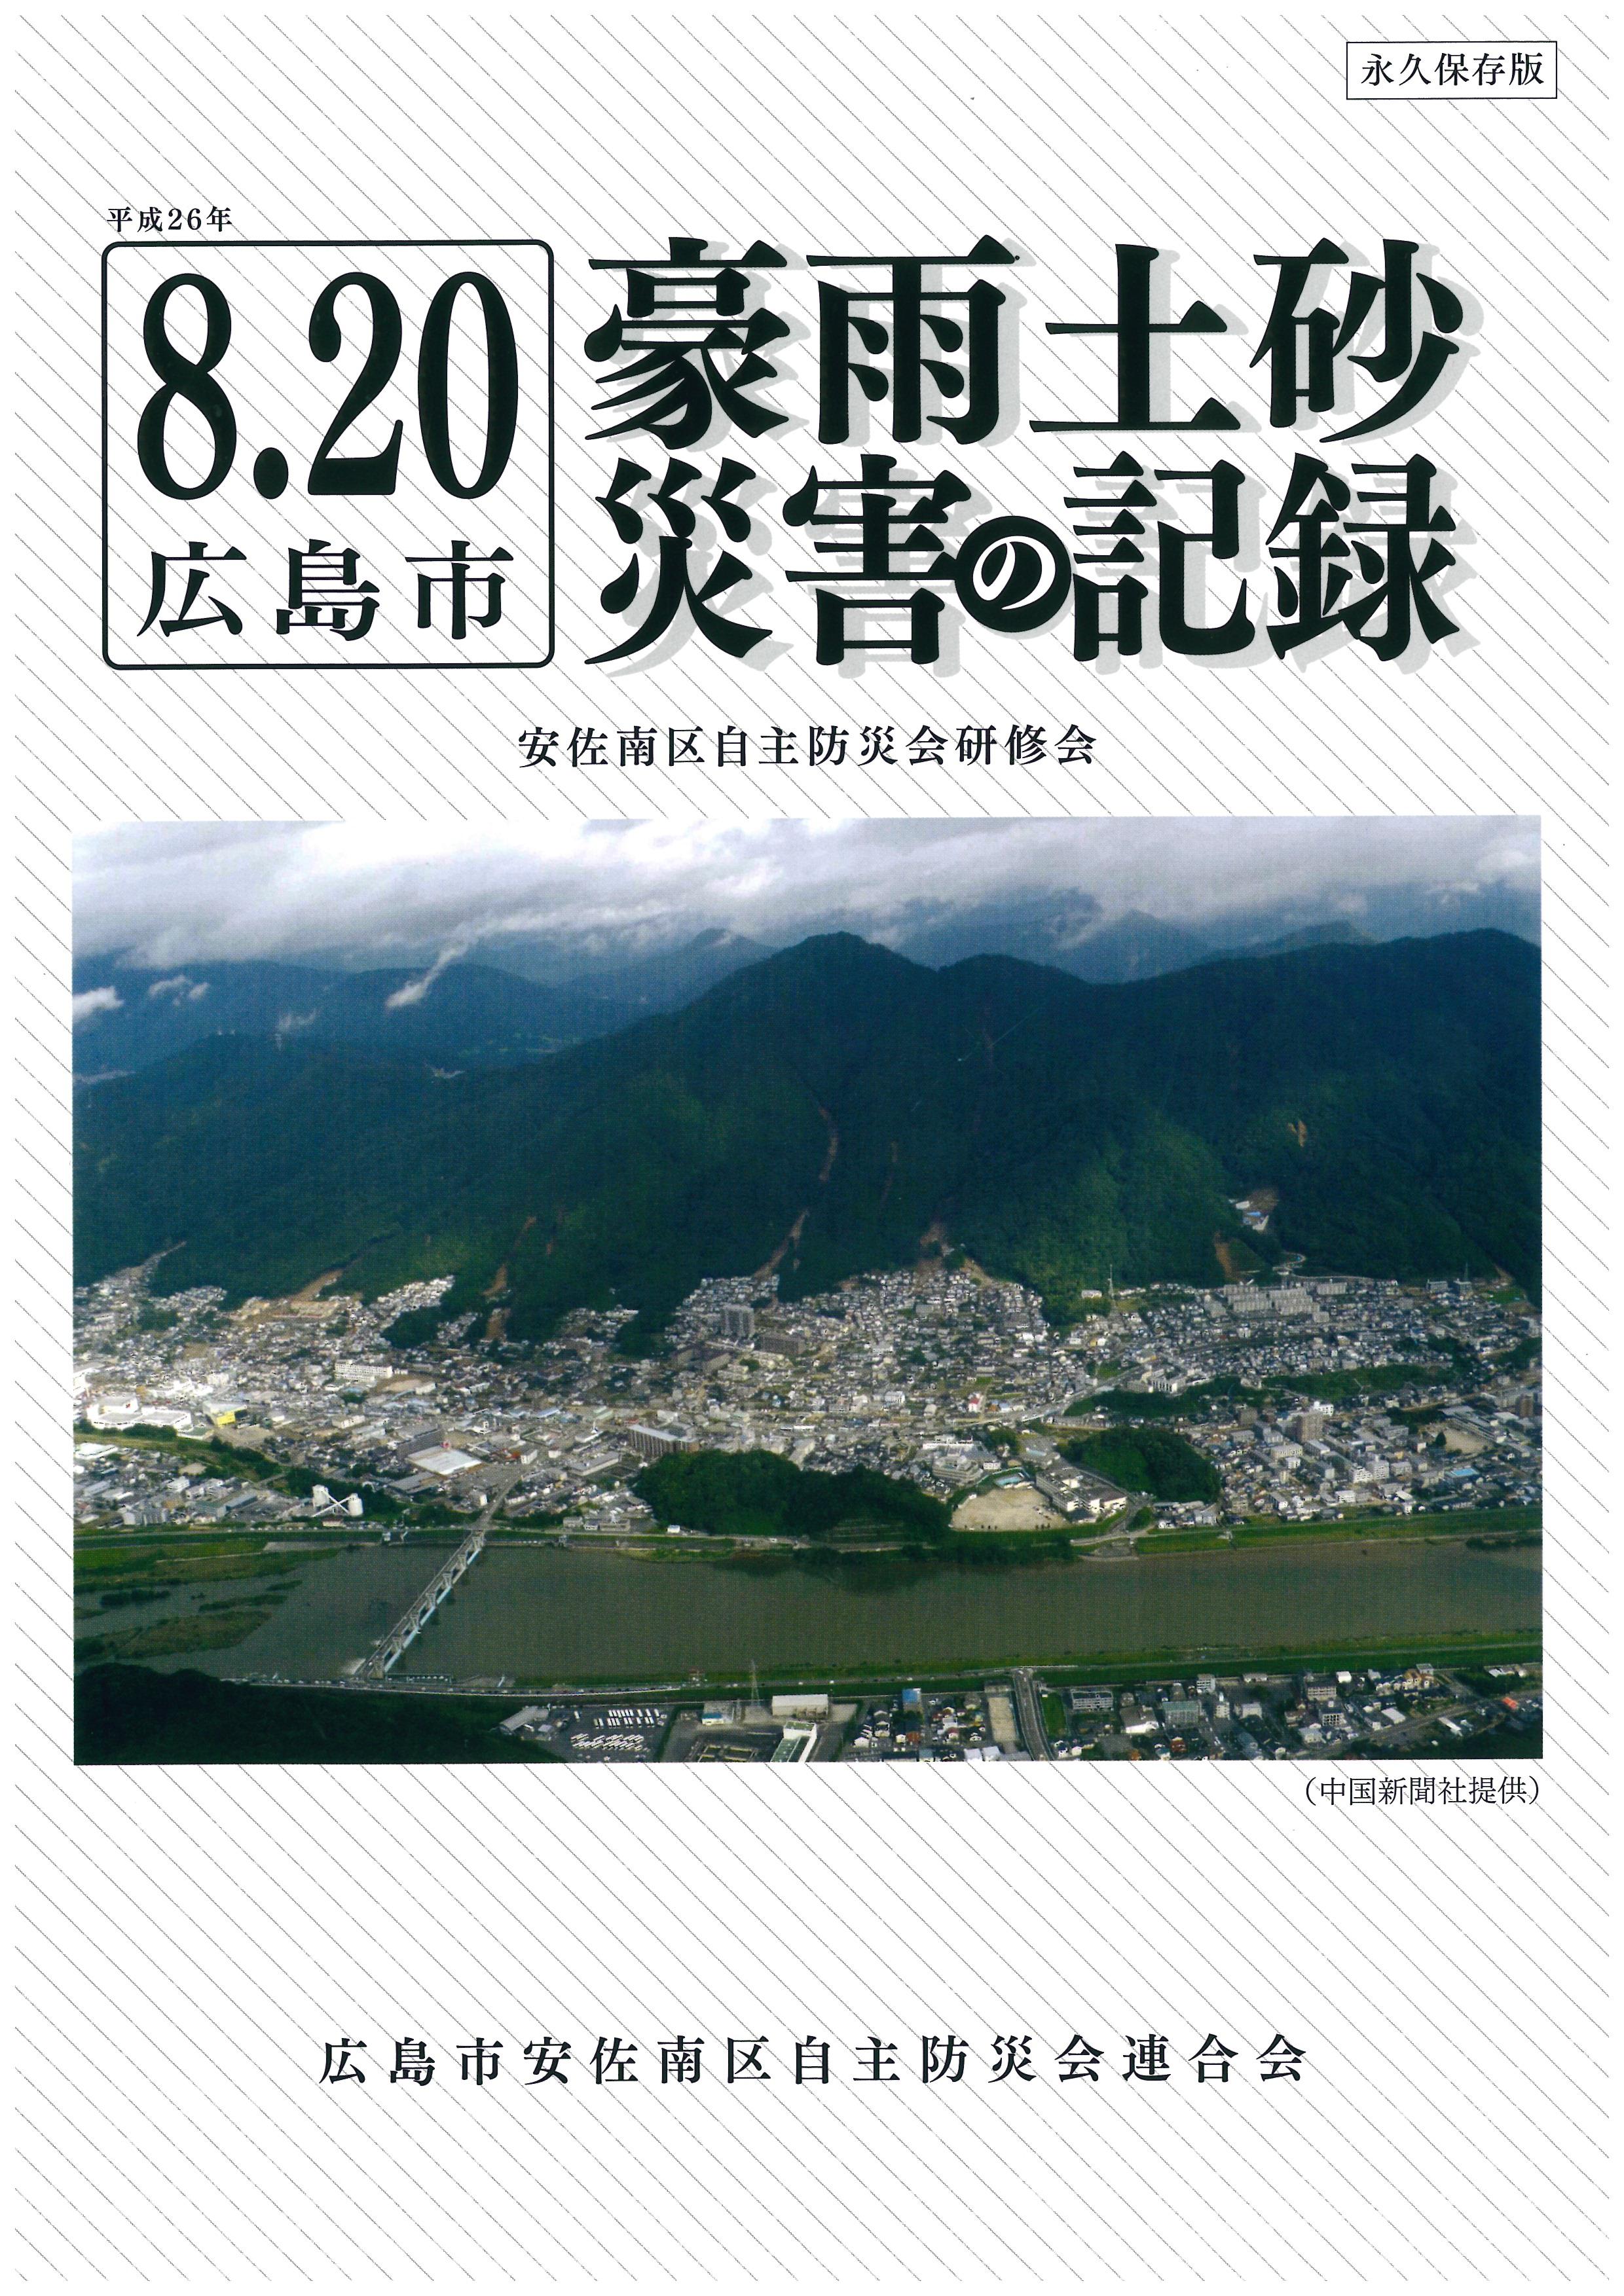 [記録]8.20広島市豪雨土砂災害の記録